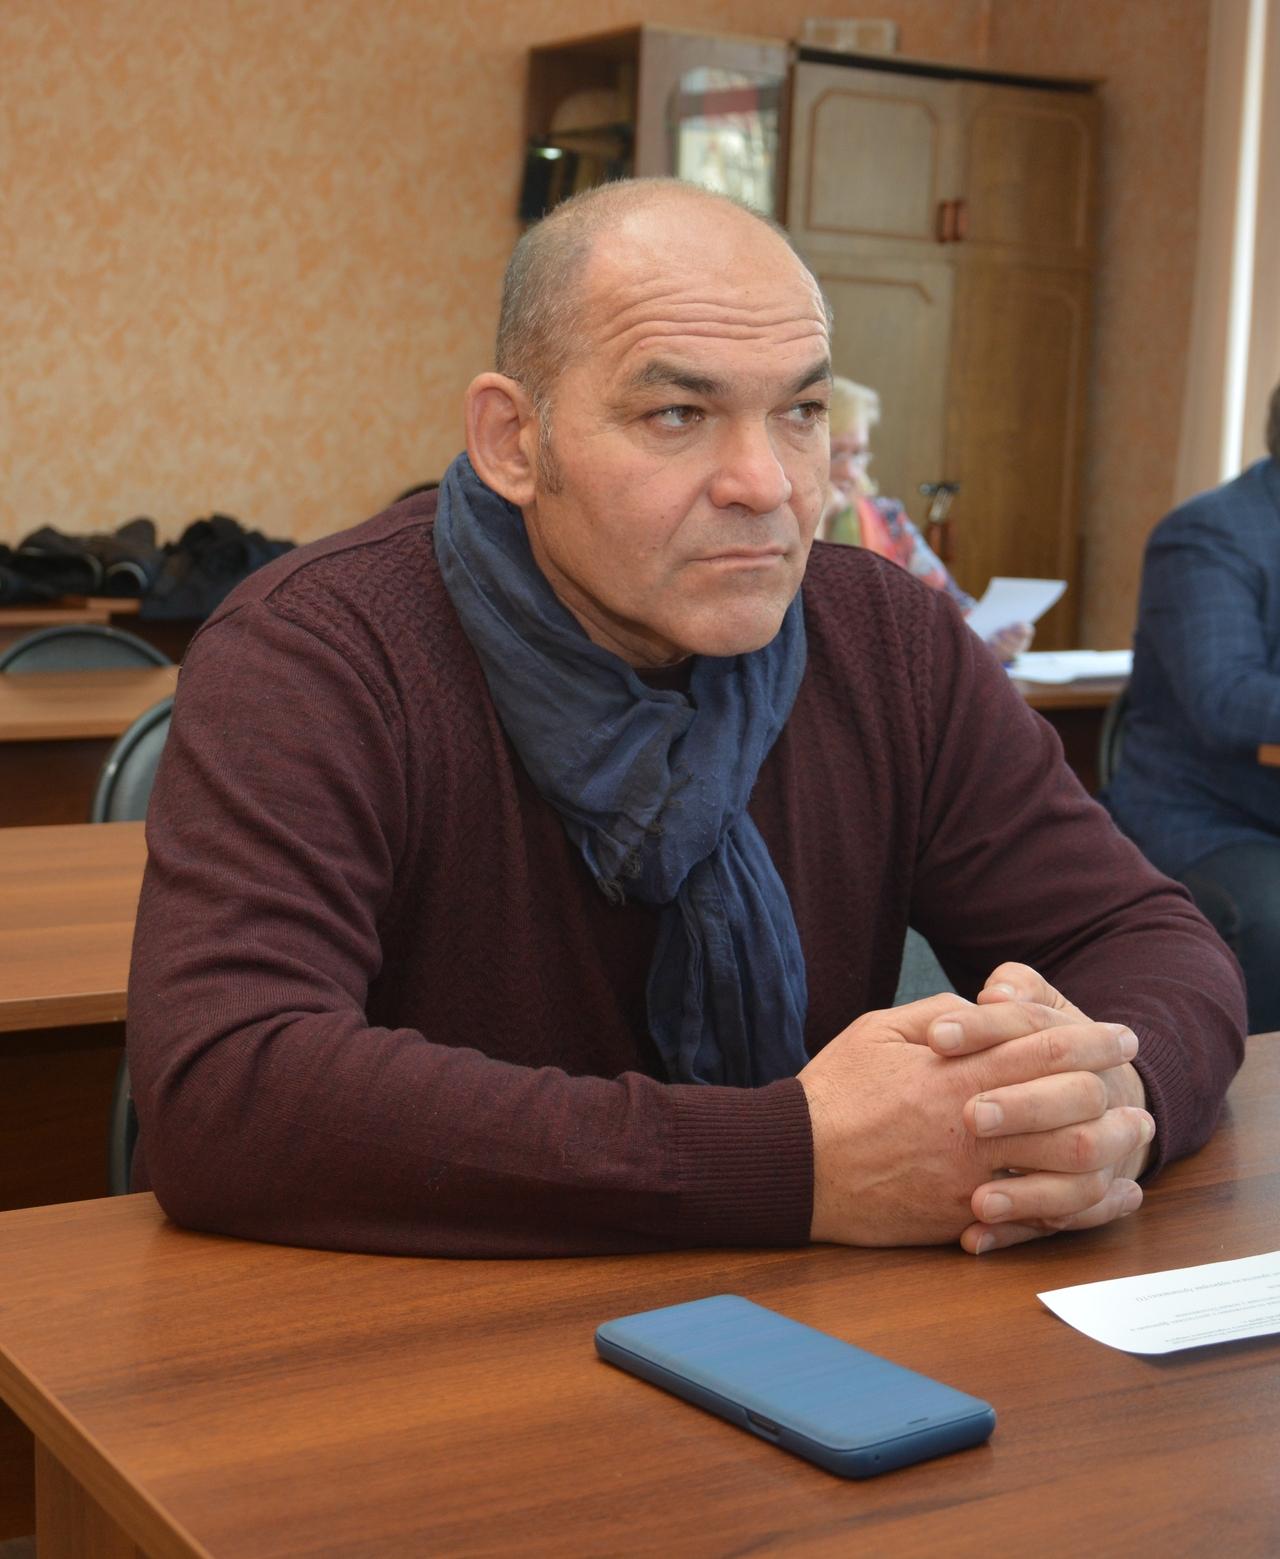 Ситдиков Гаястин на заседании Местного политического совета Партии «Единая Россия»